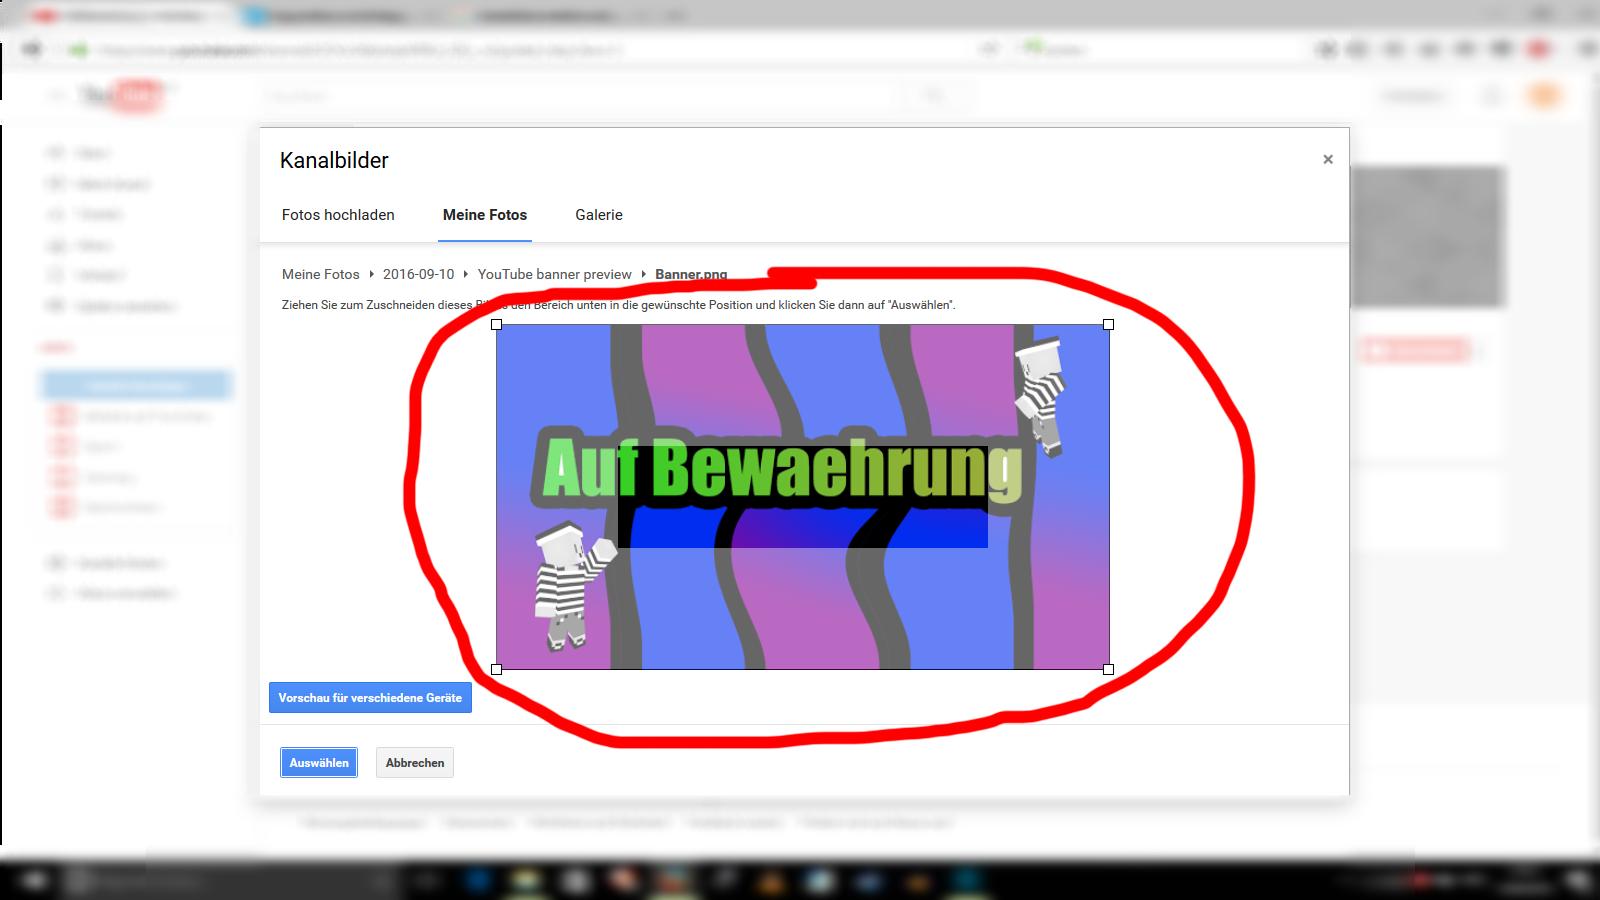 Youtube Kanal-Banner zu groß... bzw. man sieht nicht alles? (Maße)